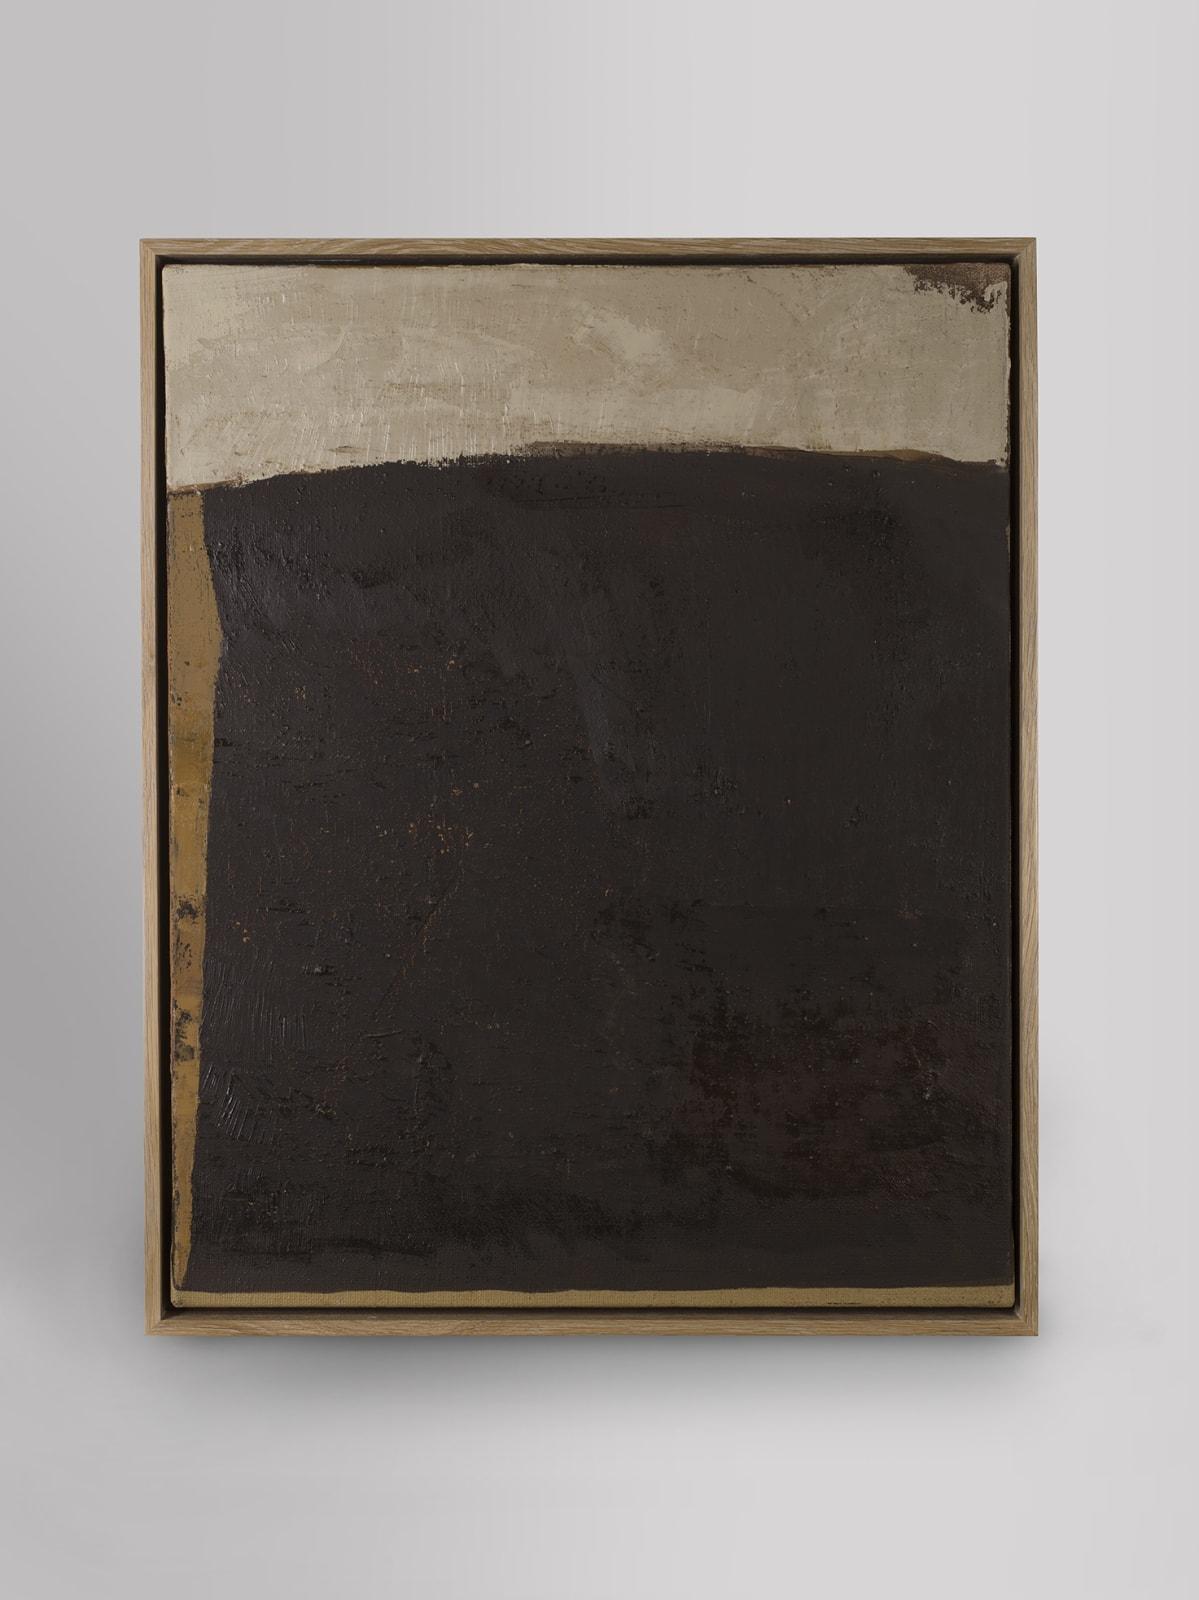 Pot Kettle Black oil on canvas 81cm x 65cm